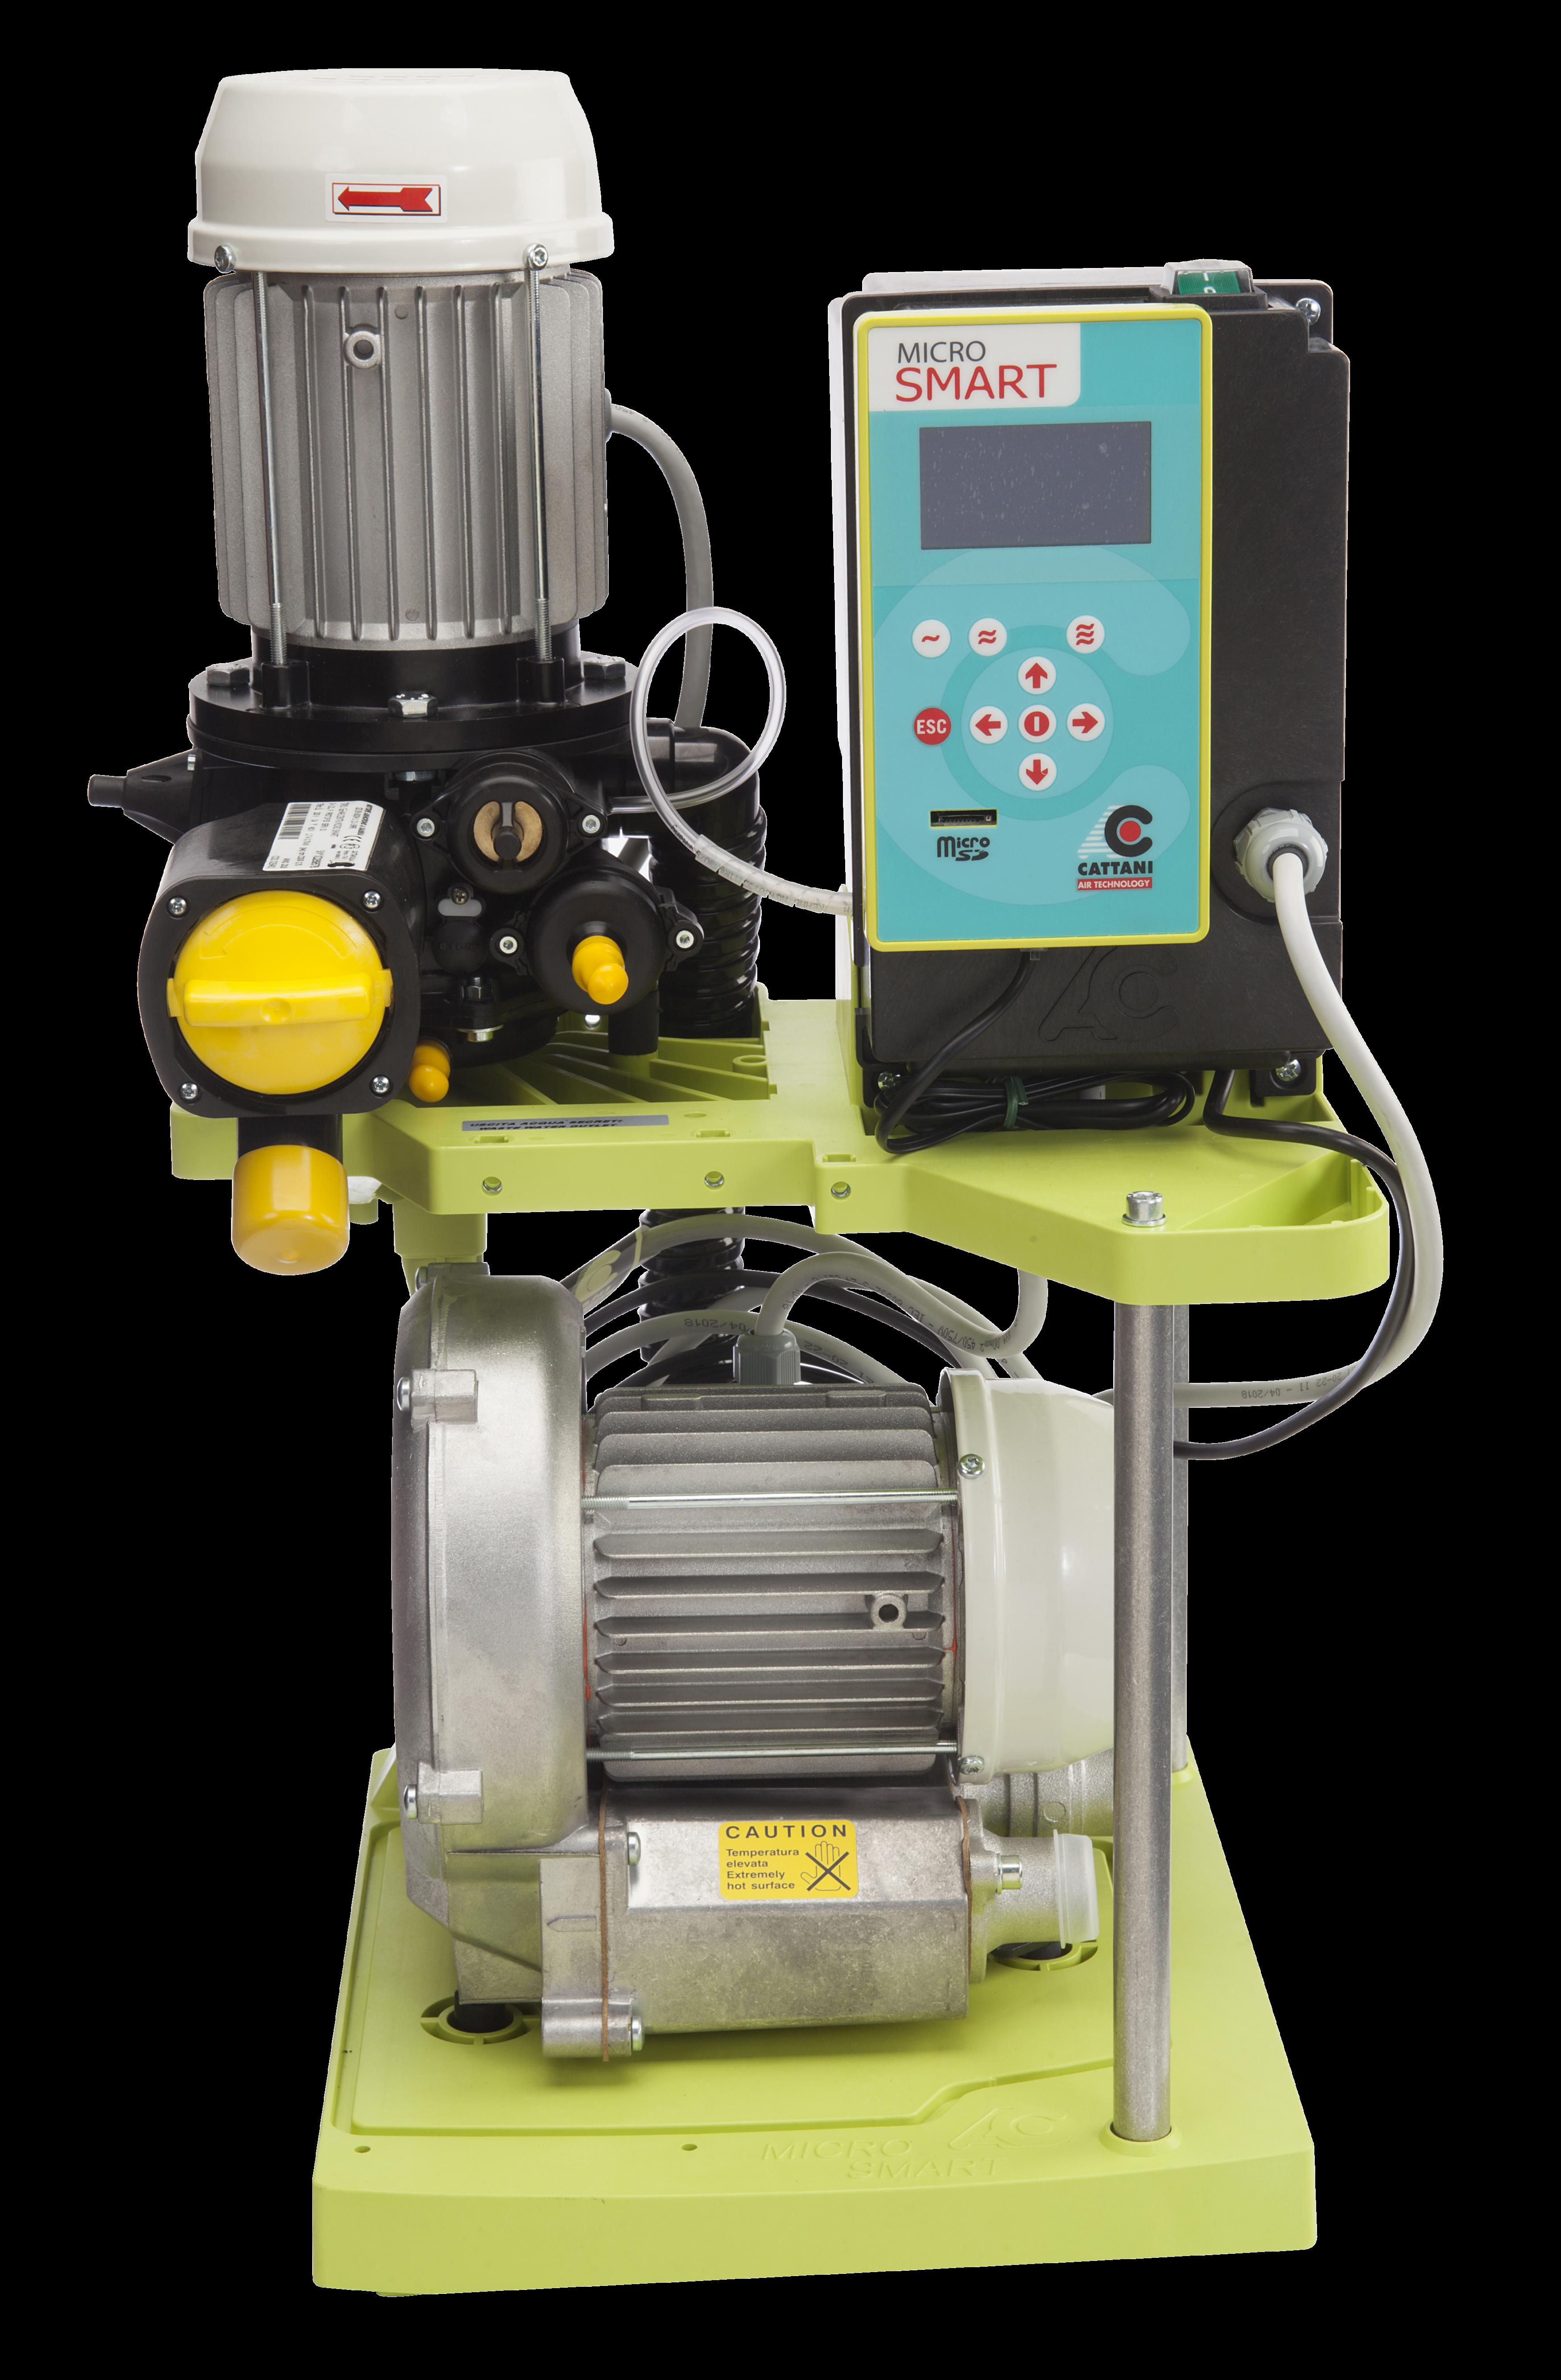 C-MT0000- Micro SMART - no ISO